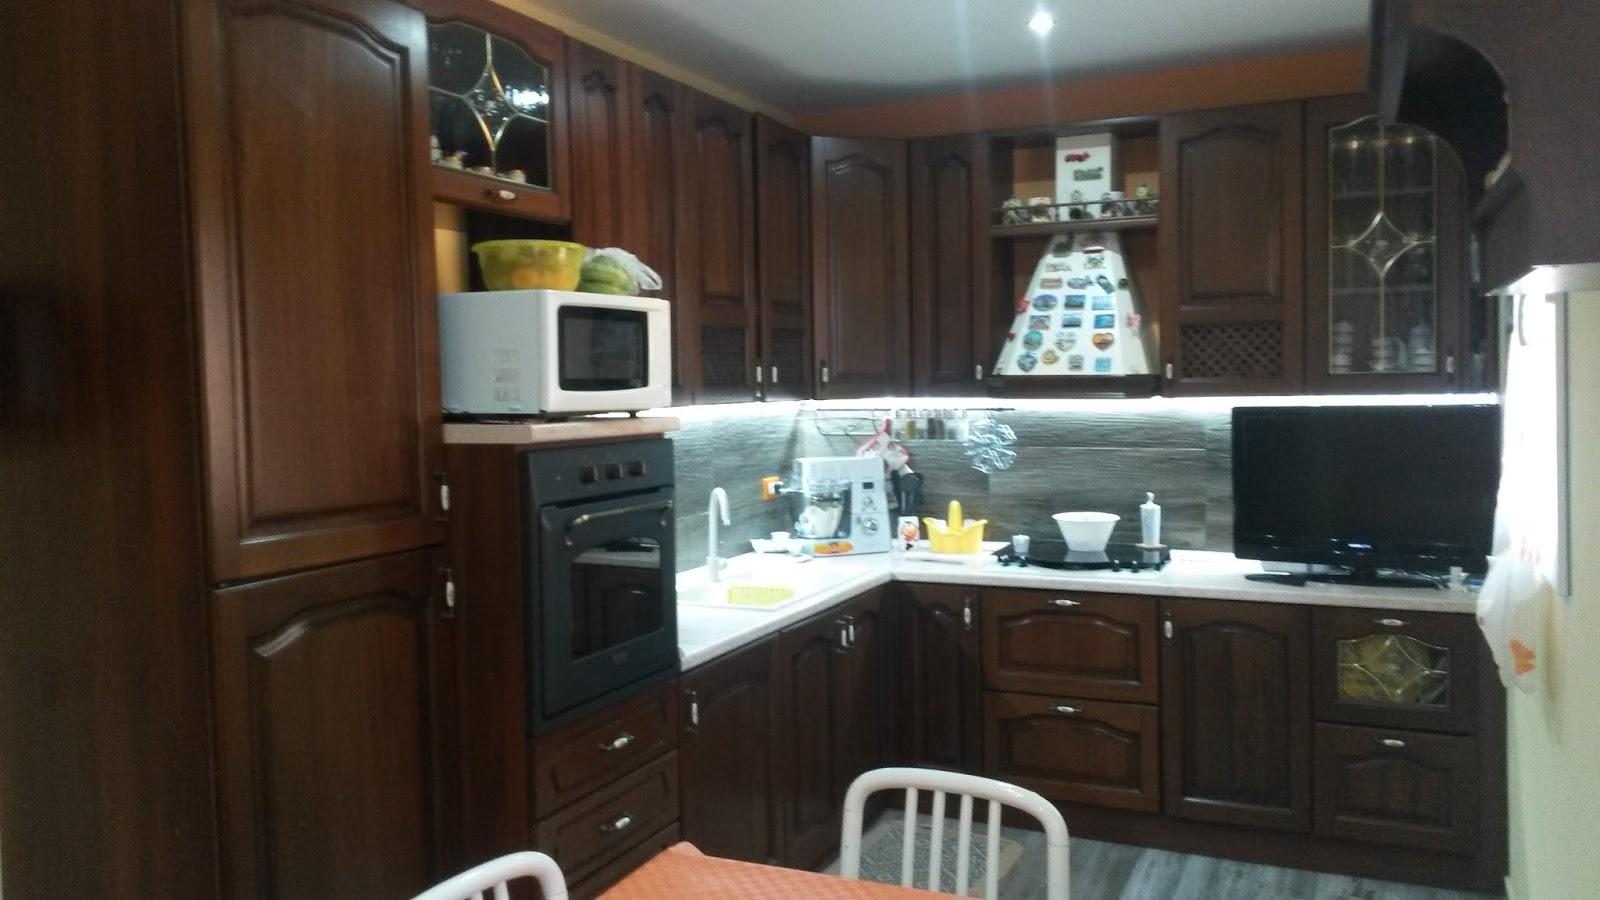 Controsoffitto In Cartongesso Translate : Architetto gaetano frudà cucina rustica